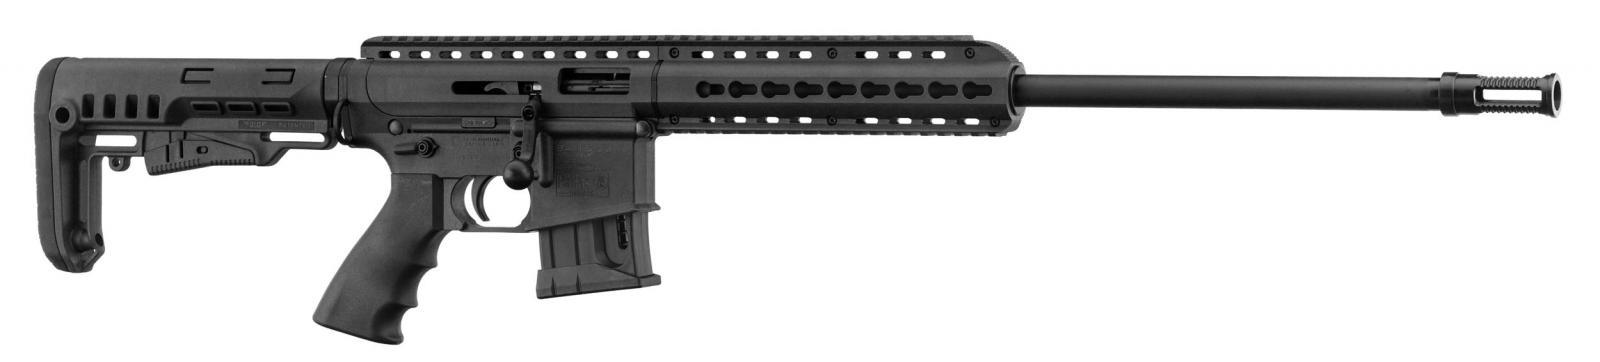 Carabine à verrou DEEP PALLAS Modèle BA15-22 Noir Cal. 22lr